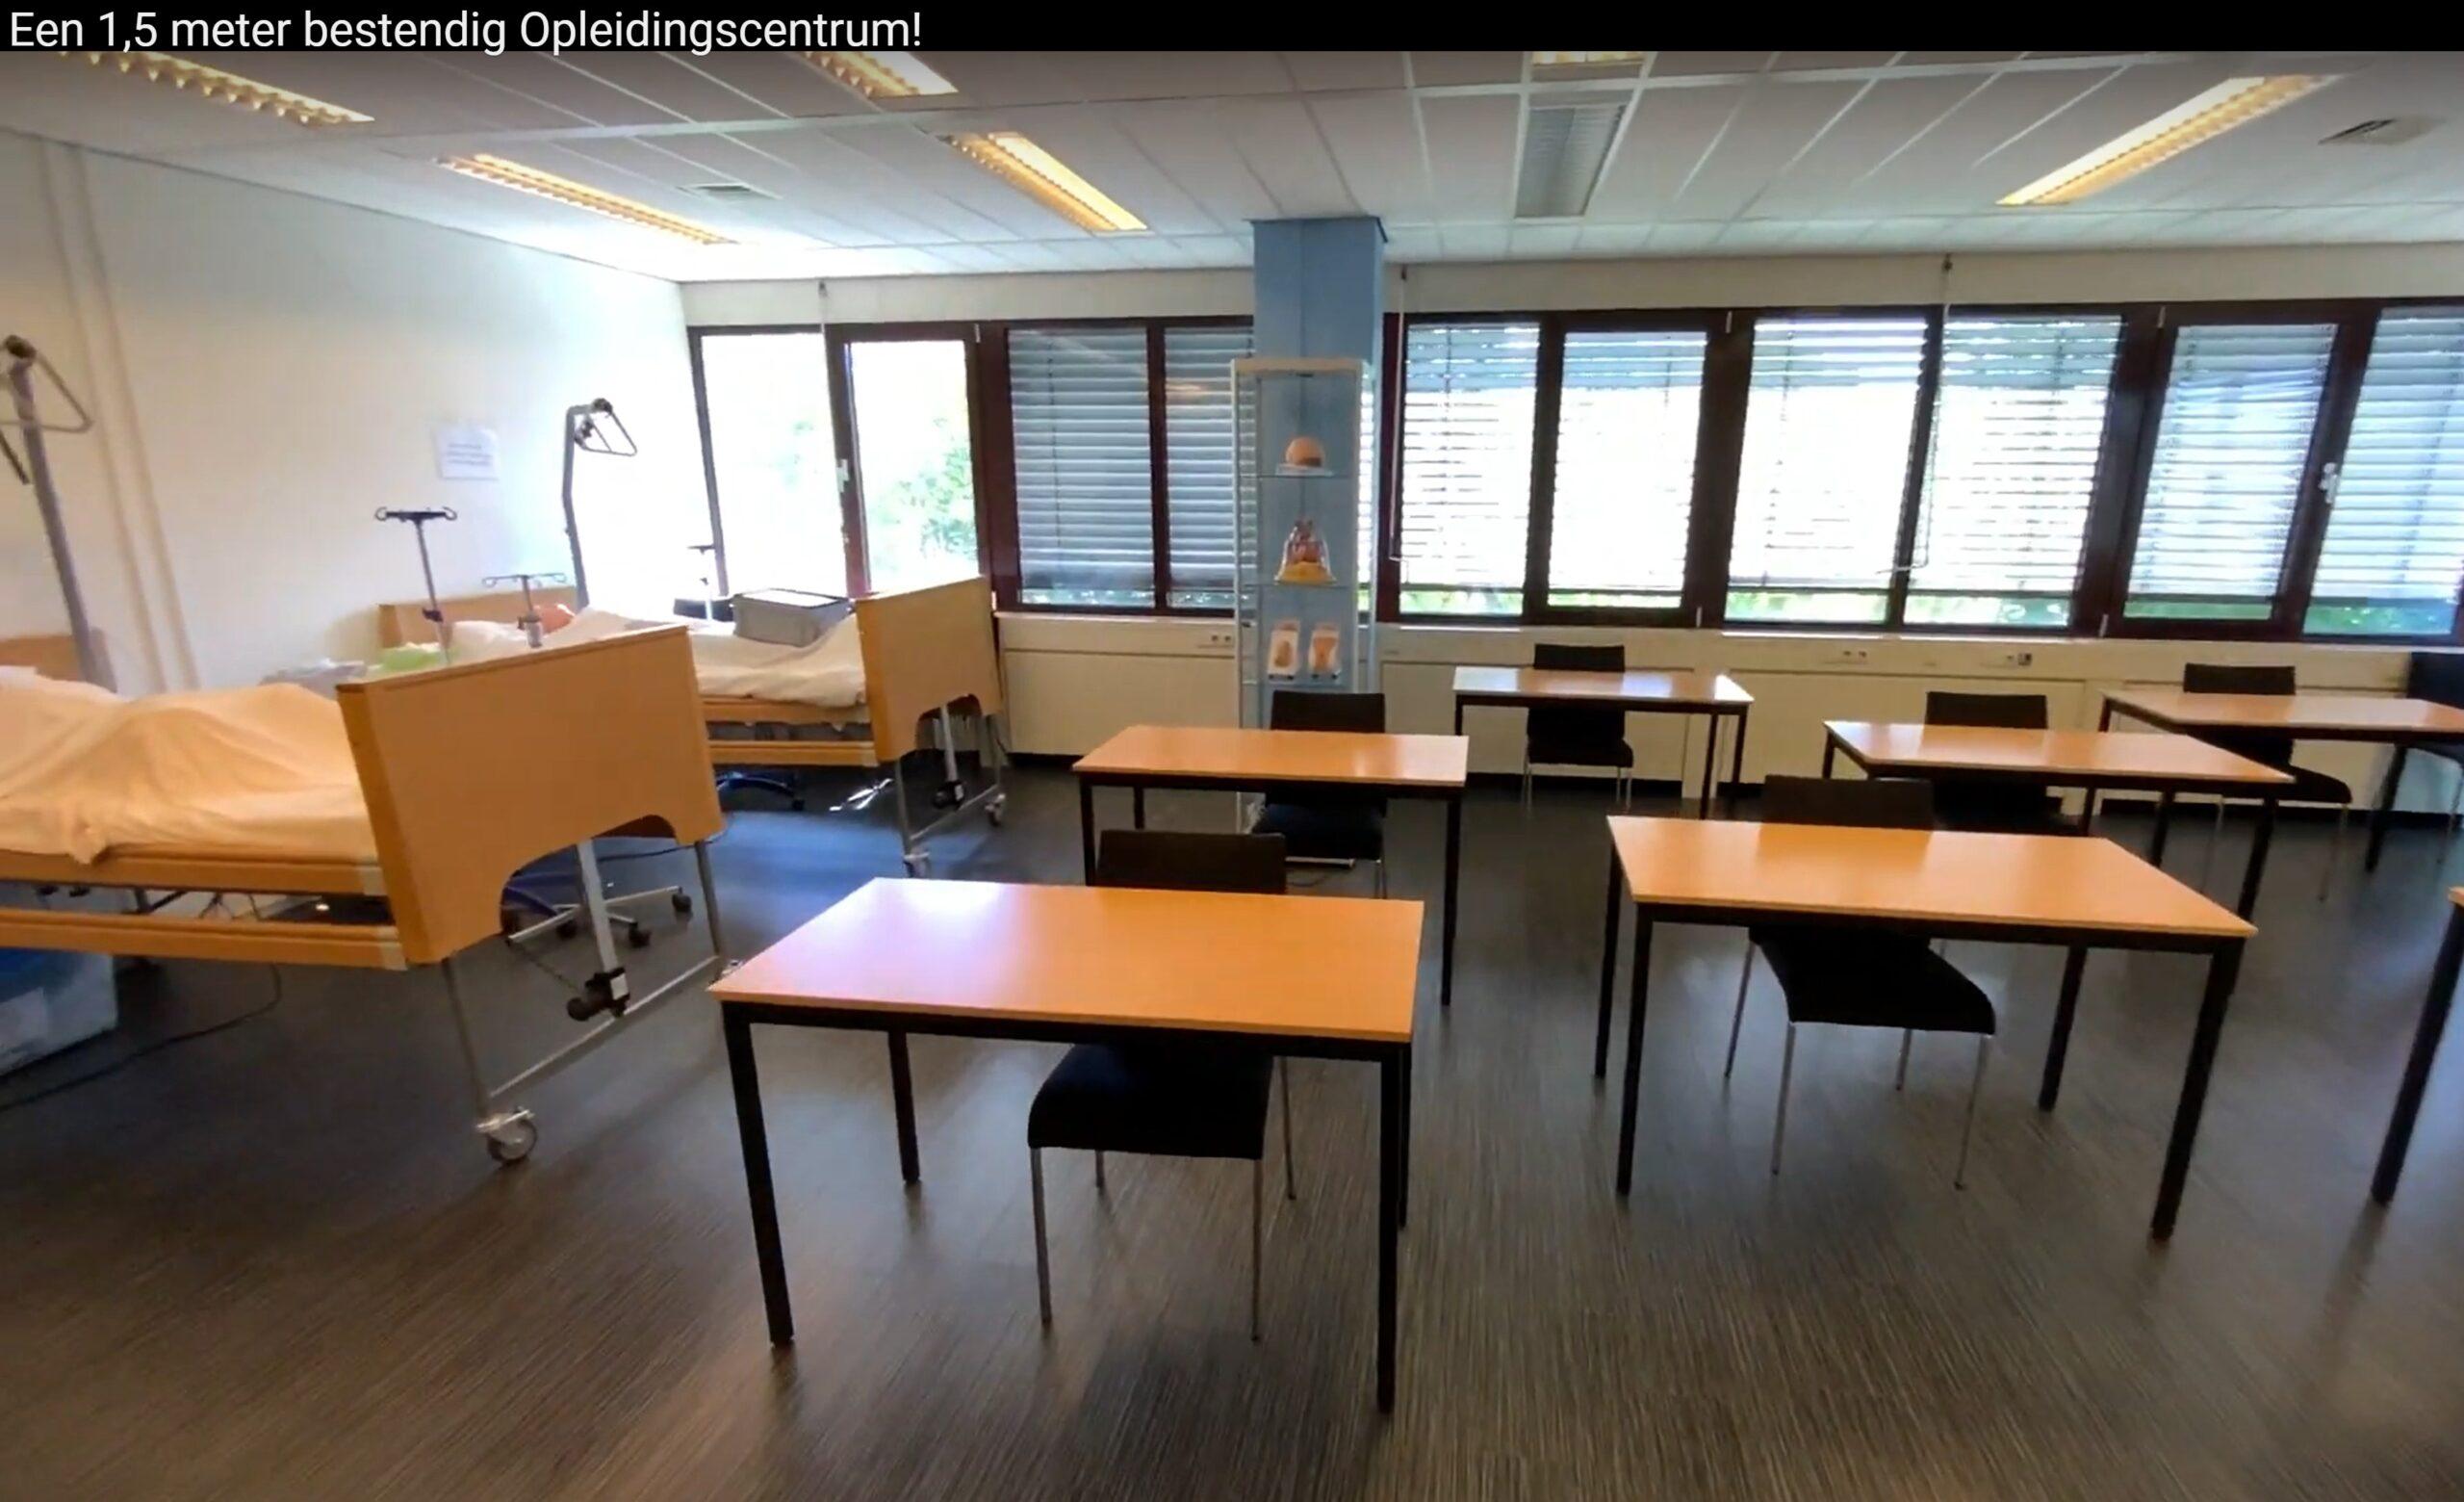 Het SVOZ Opleidingscentrum is ingericht op de 1,5 meter! | SVOZ